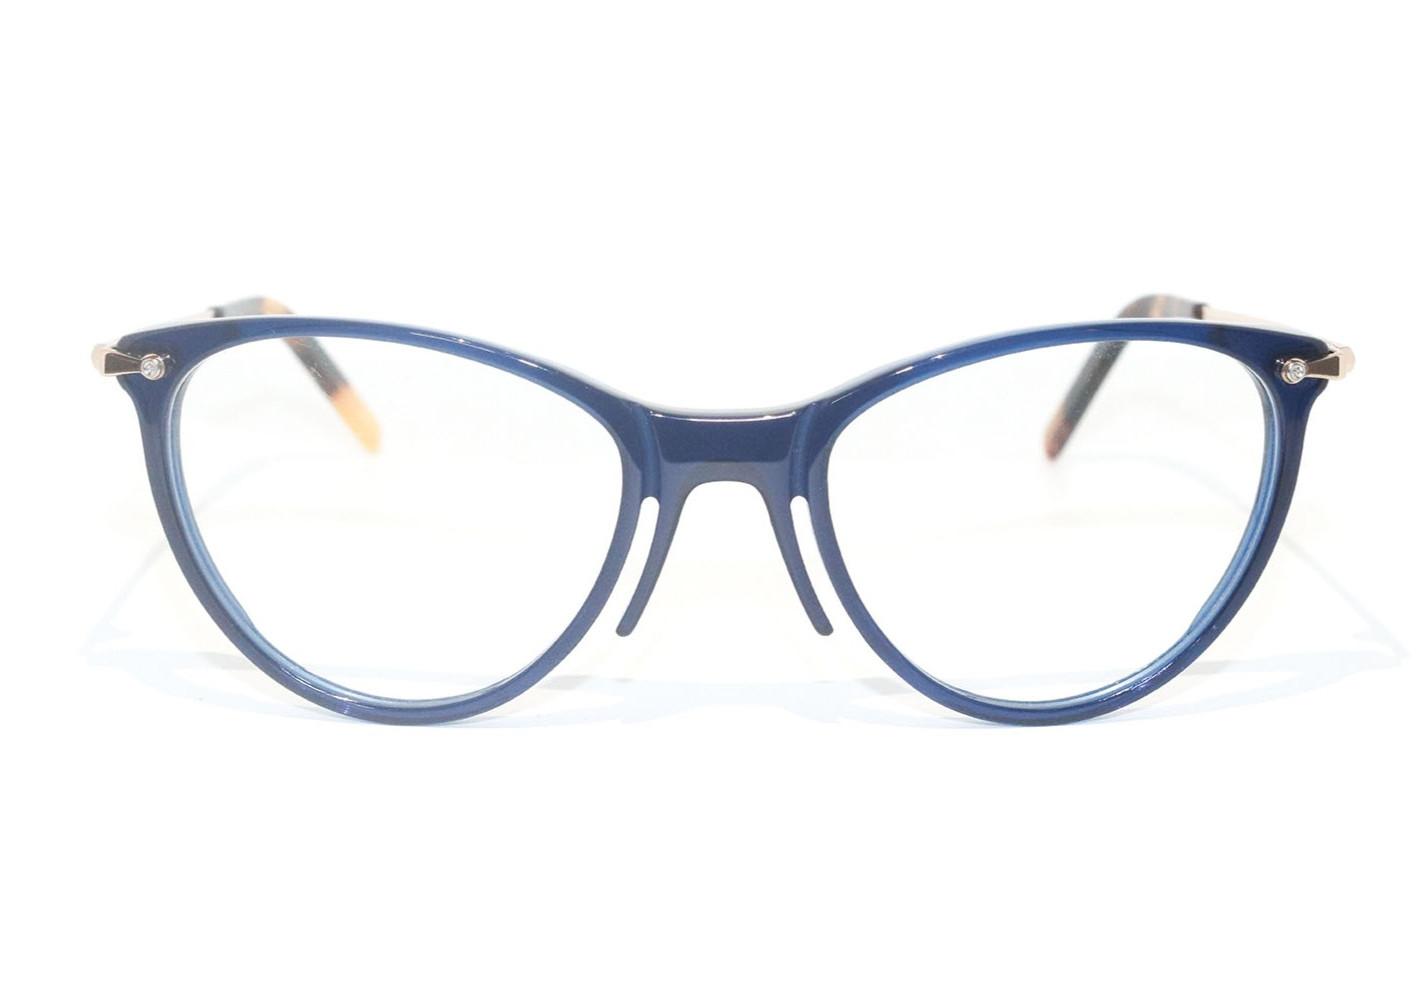 kleys-lunettes-francaises-DANY-bleu-face